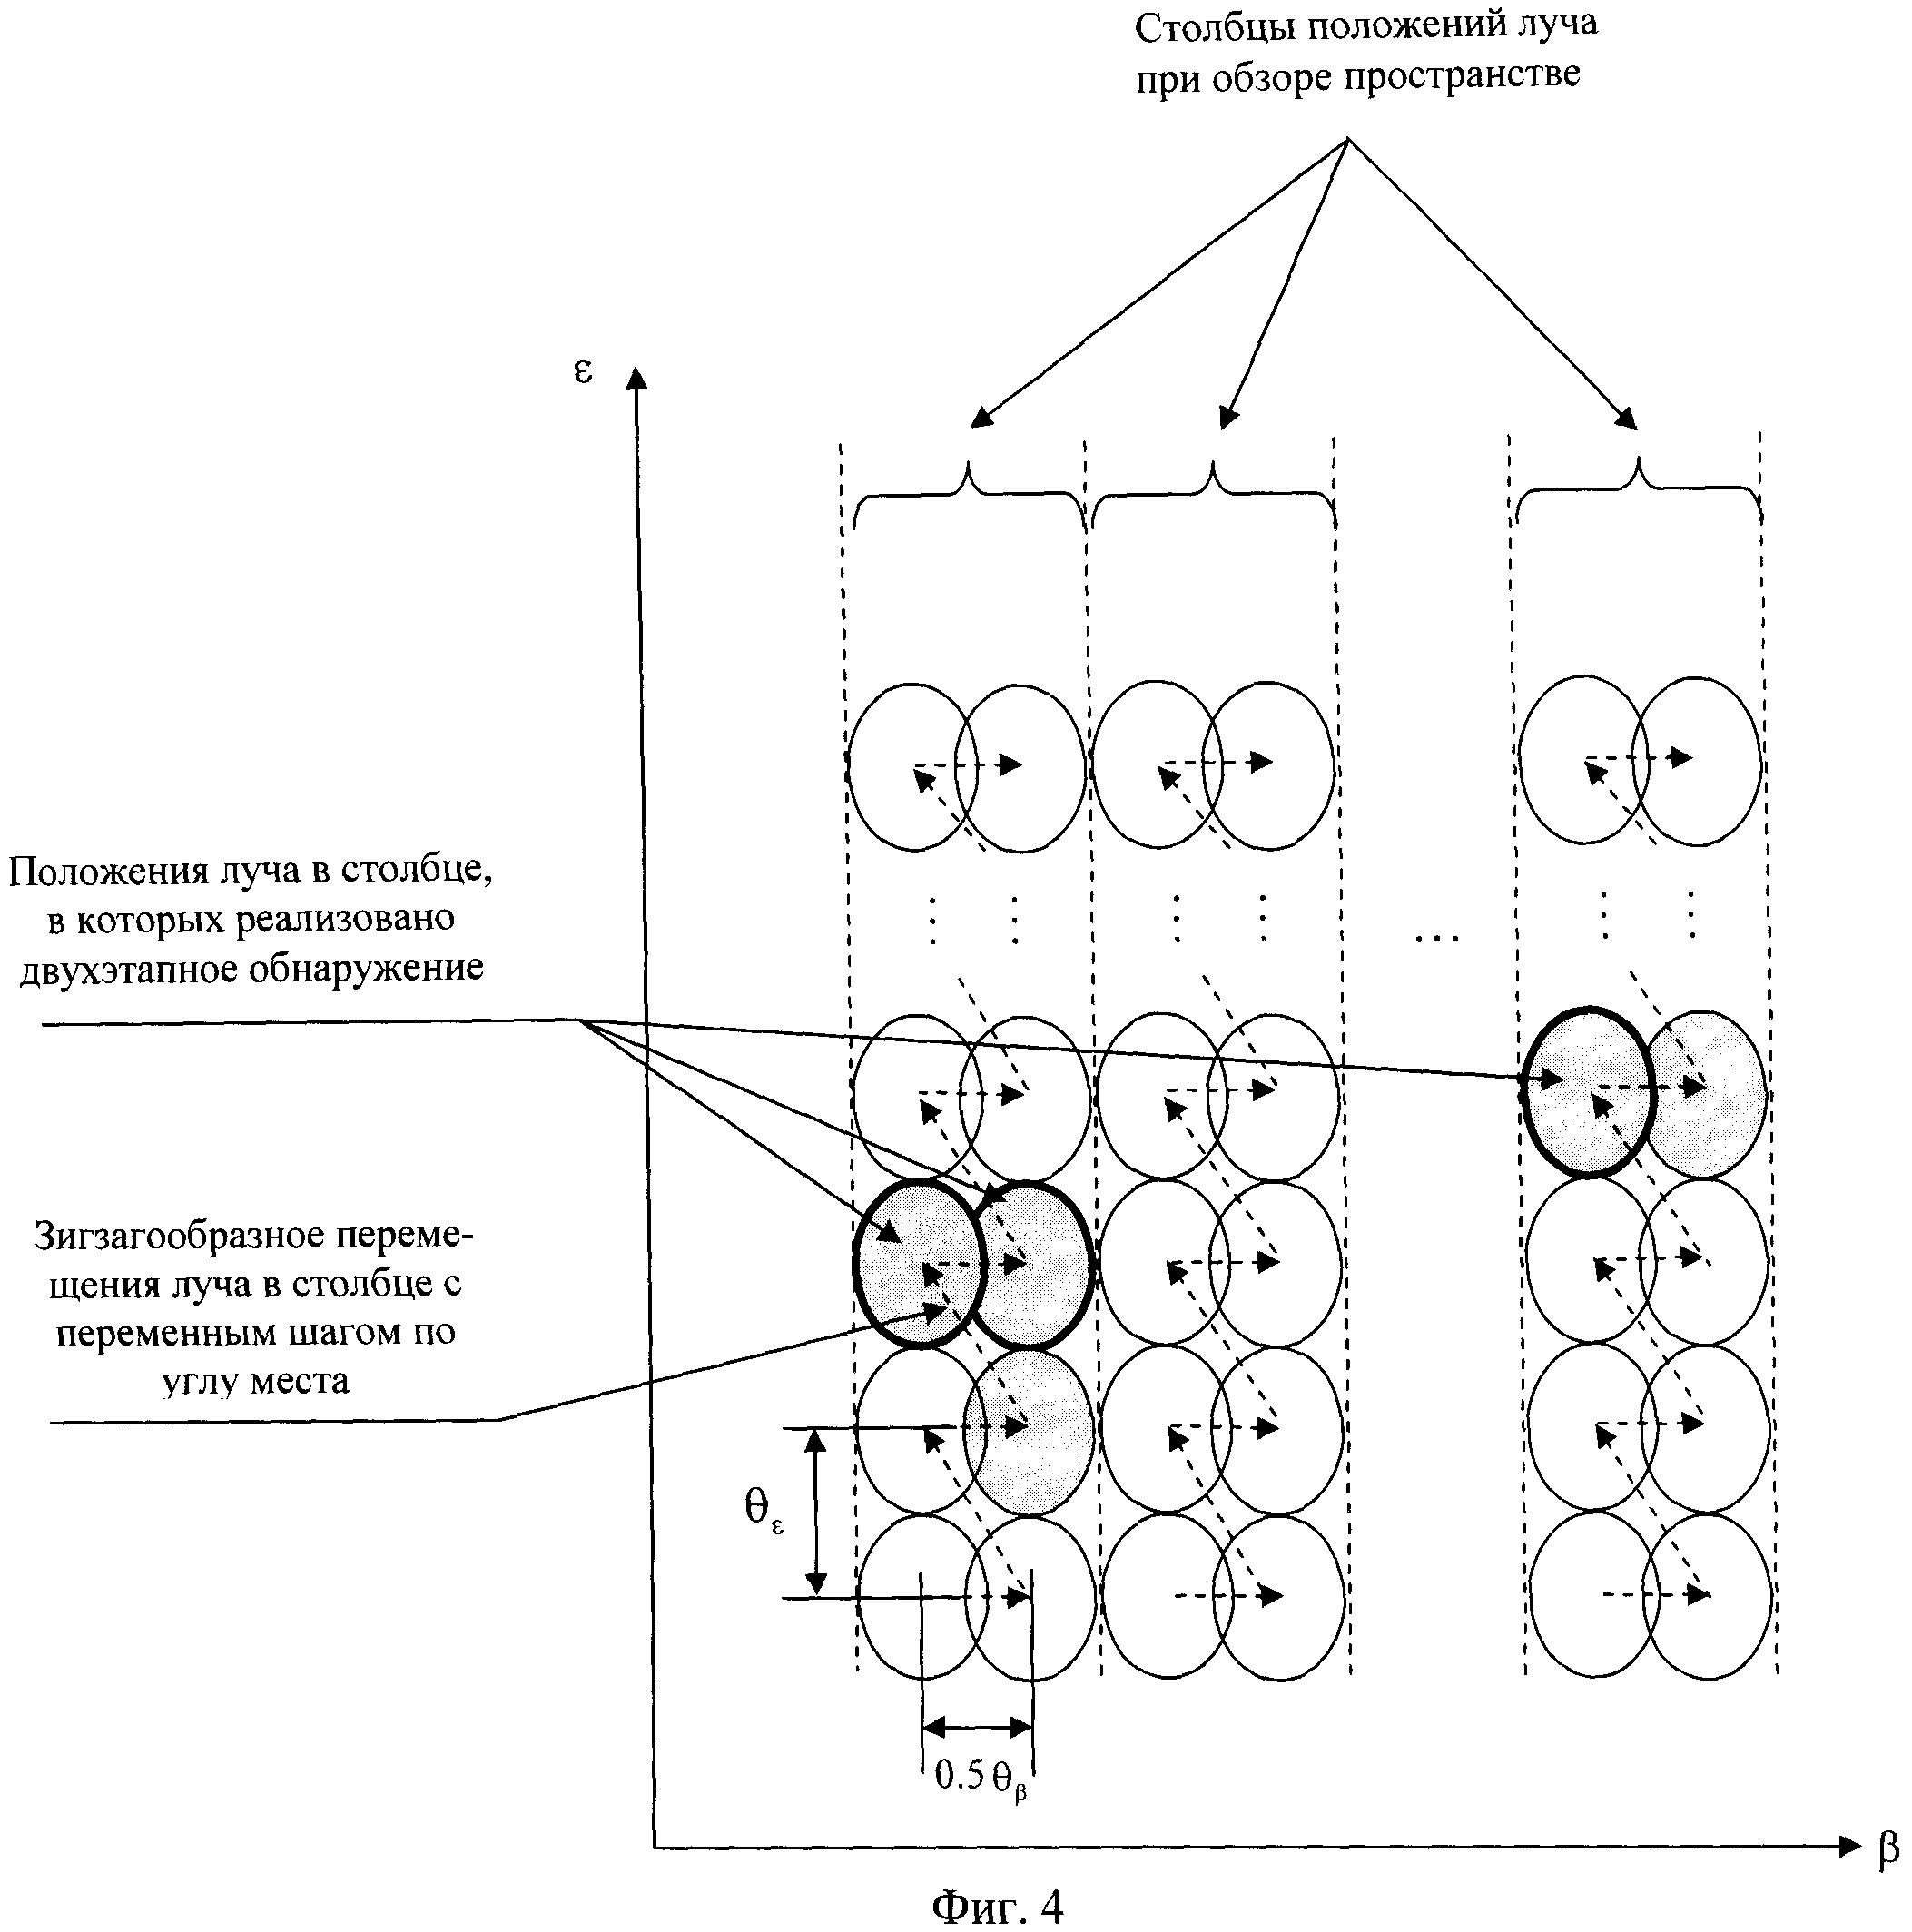 Способ обзора пространства радиолокационной станцией